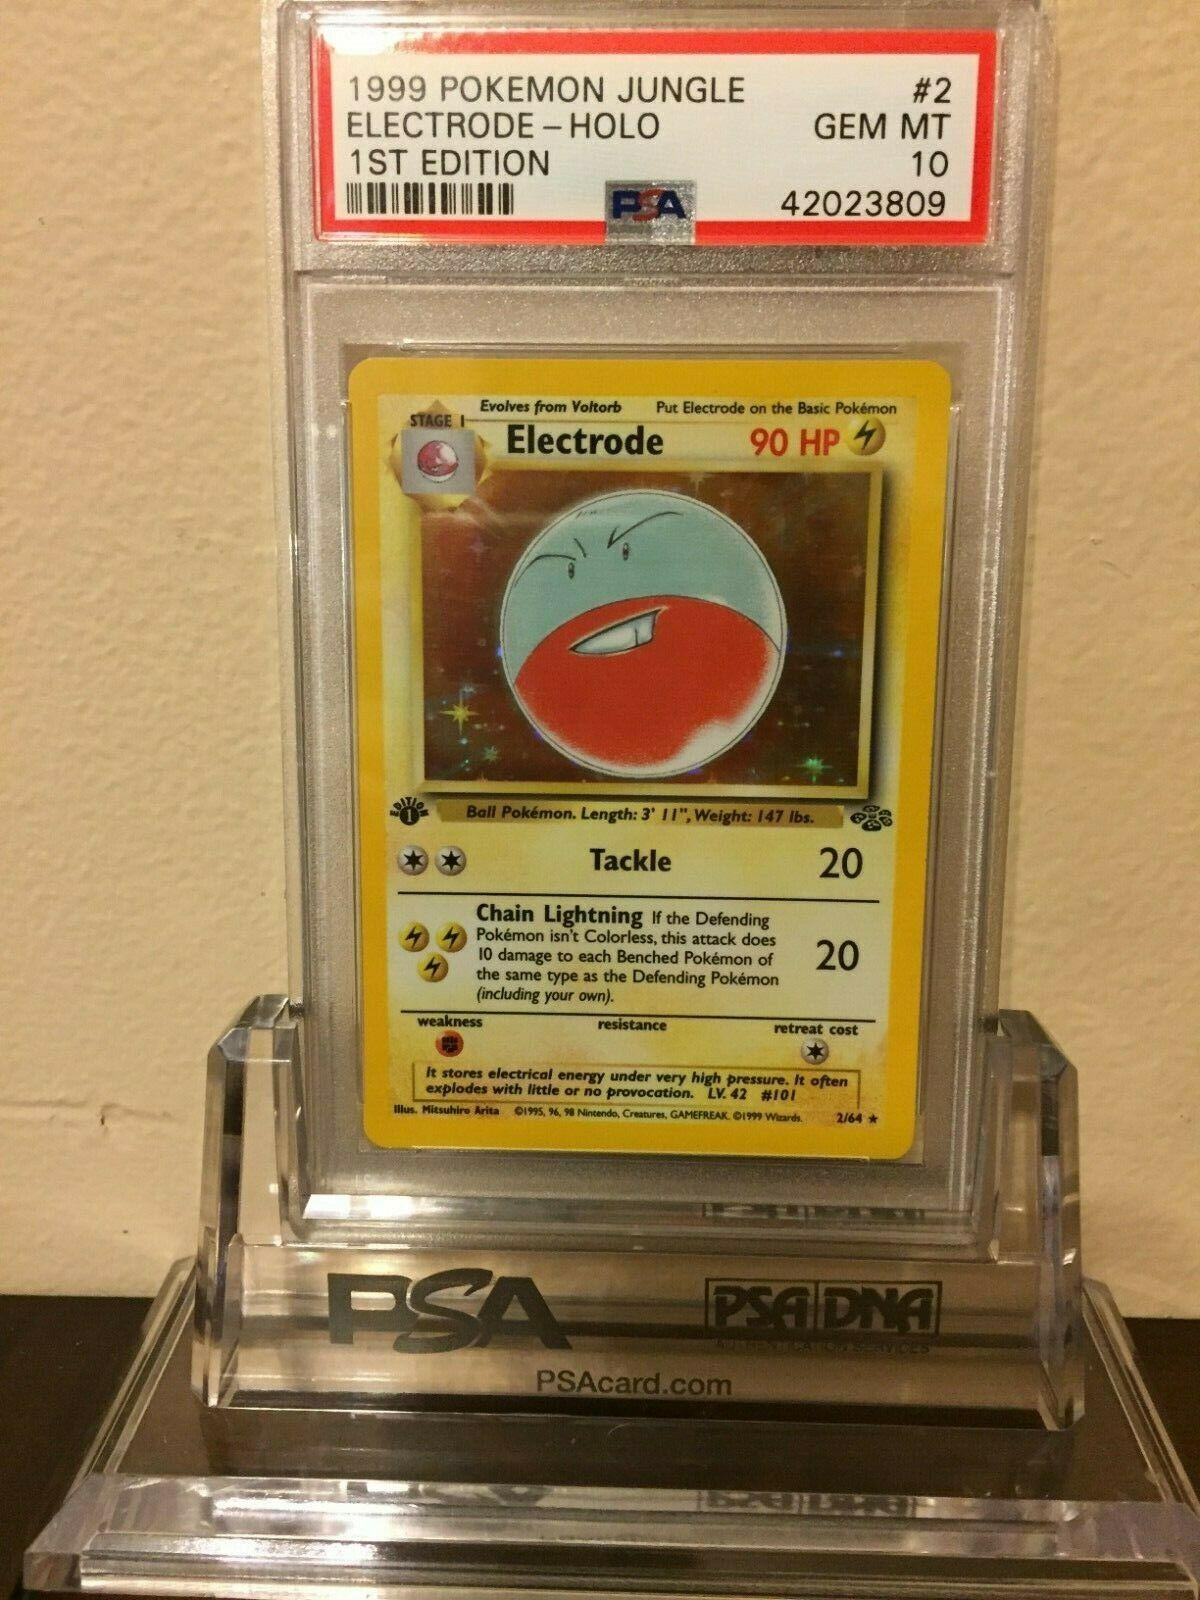 1999 Pokemon Jungle Electrode 1st Edition Holo Card 2 PSA Gem Mint 10